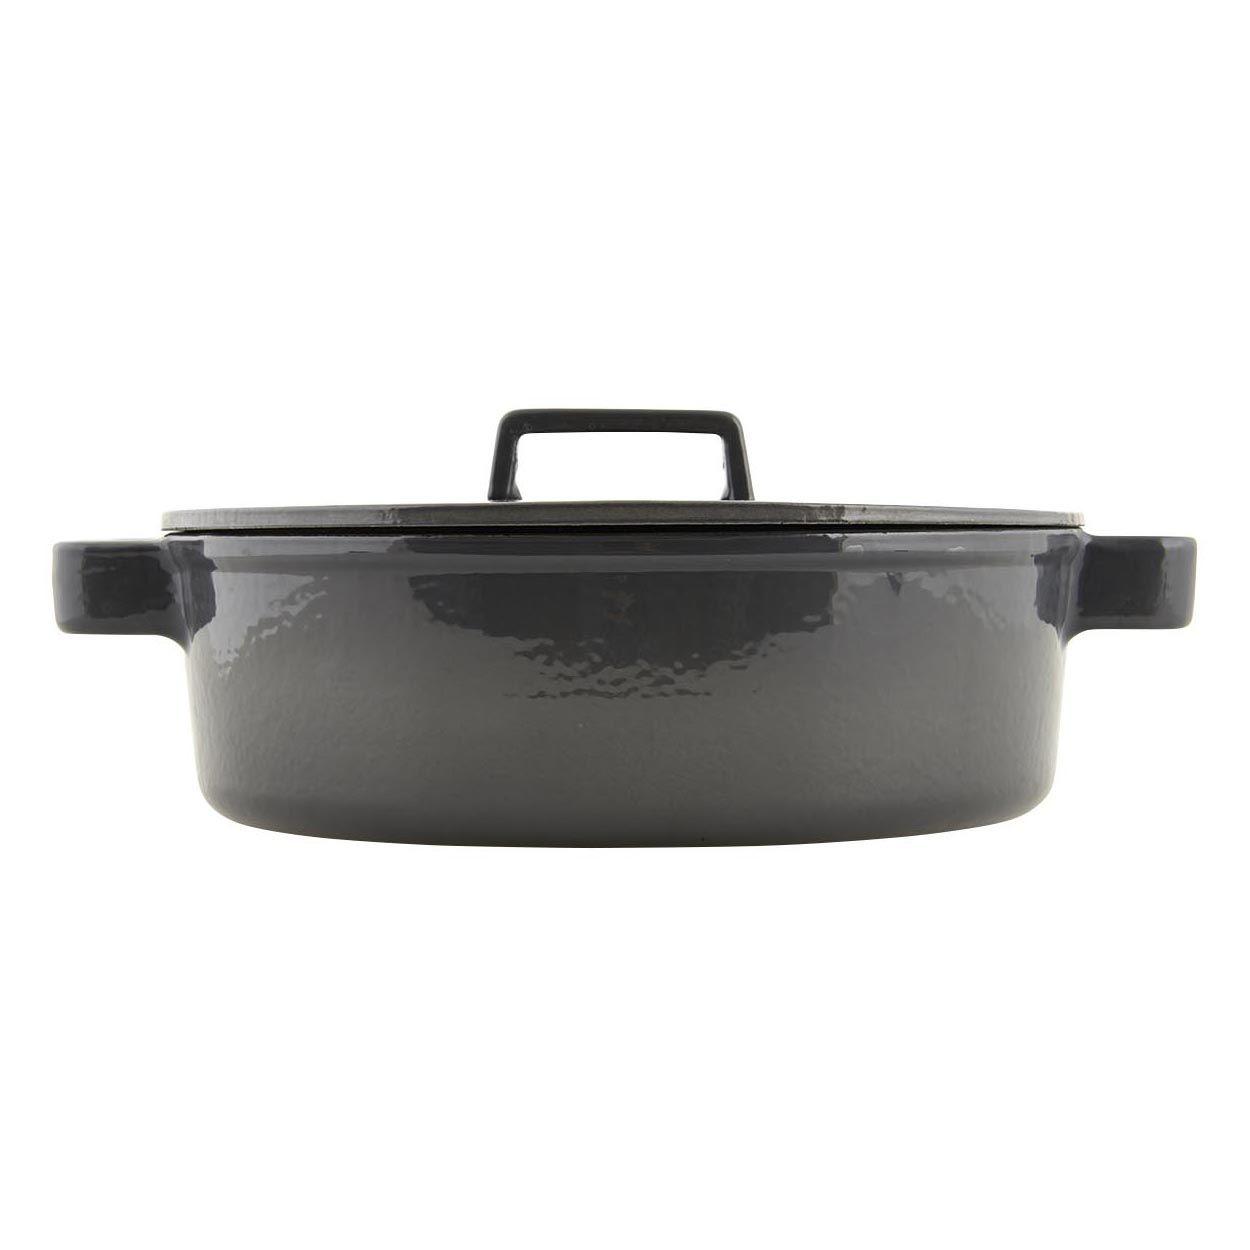 Gietijzeren pan, donkergrijs